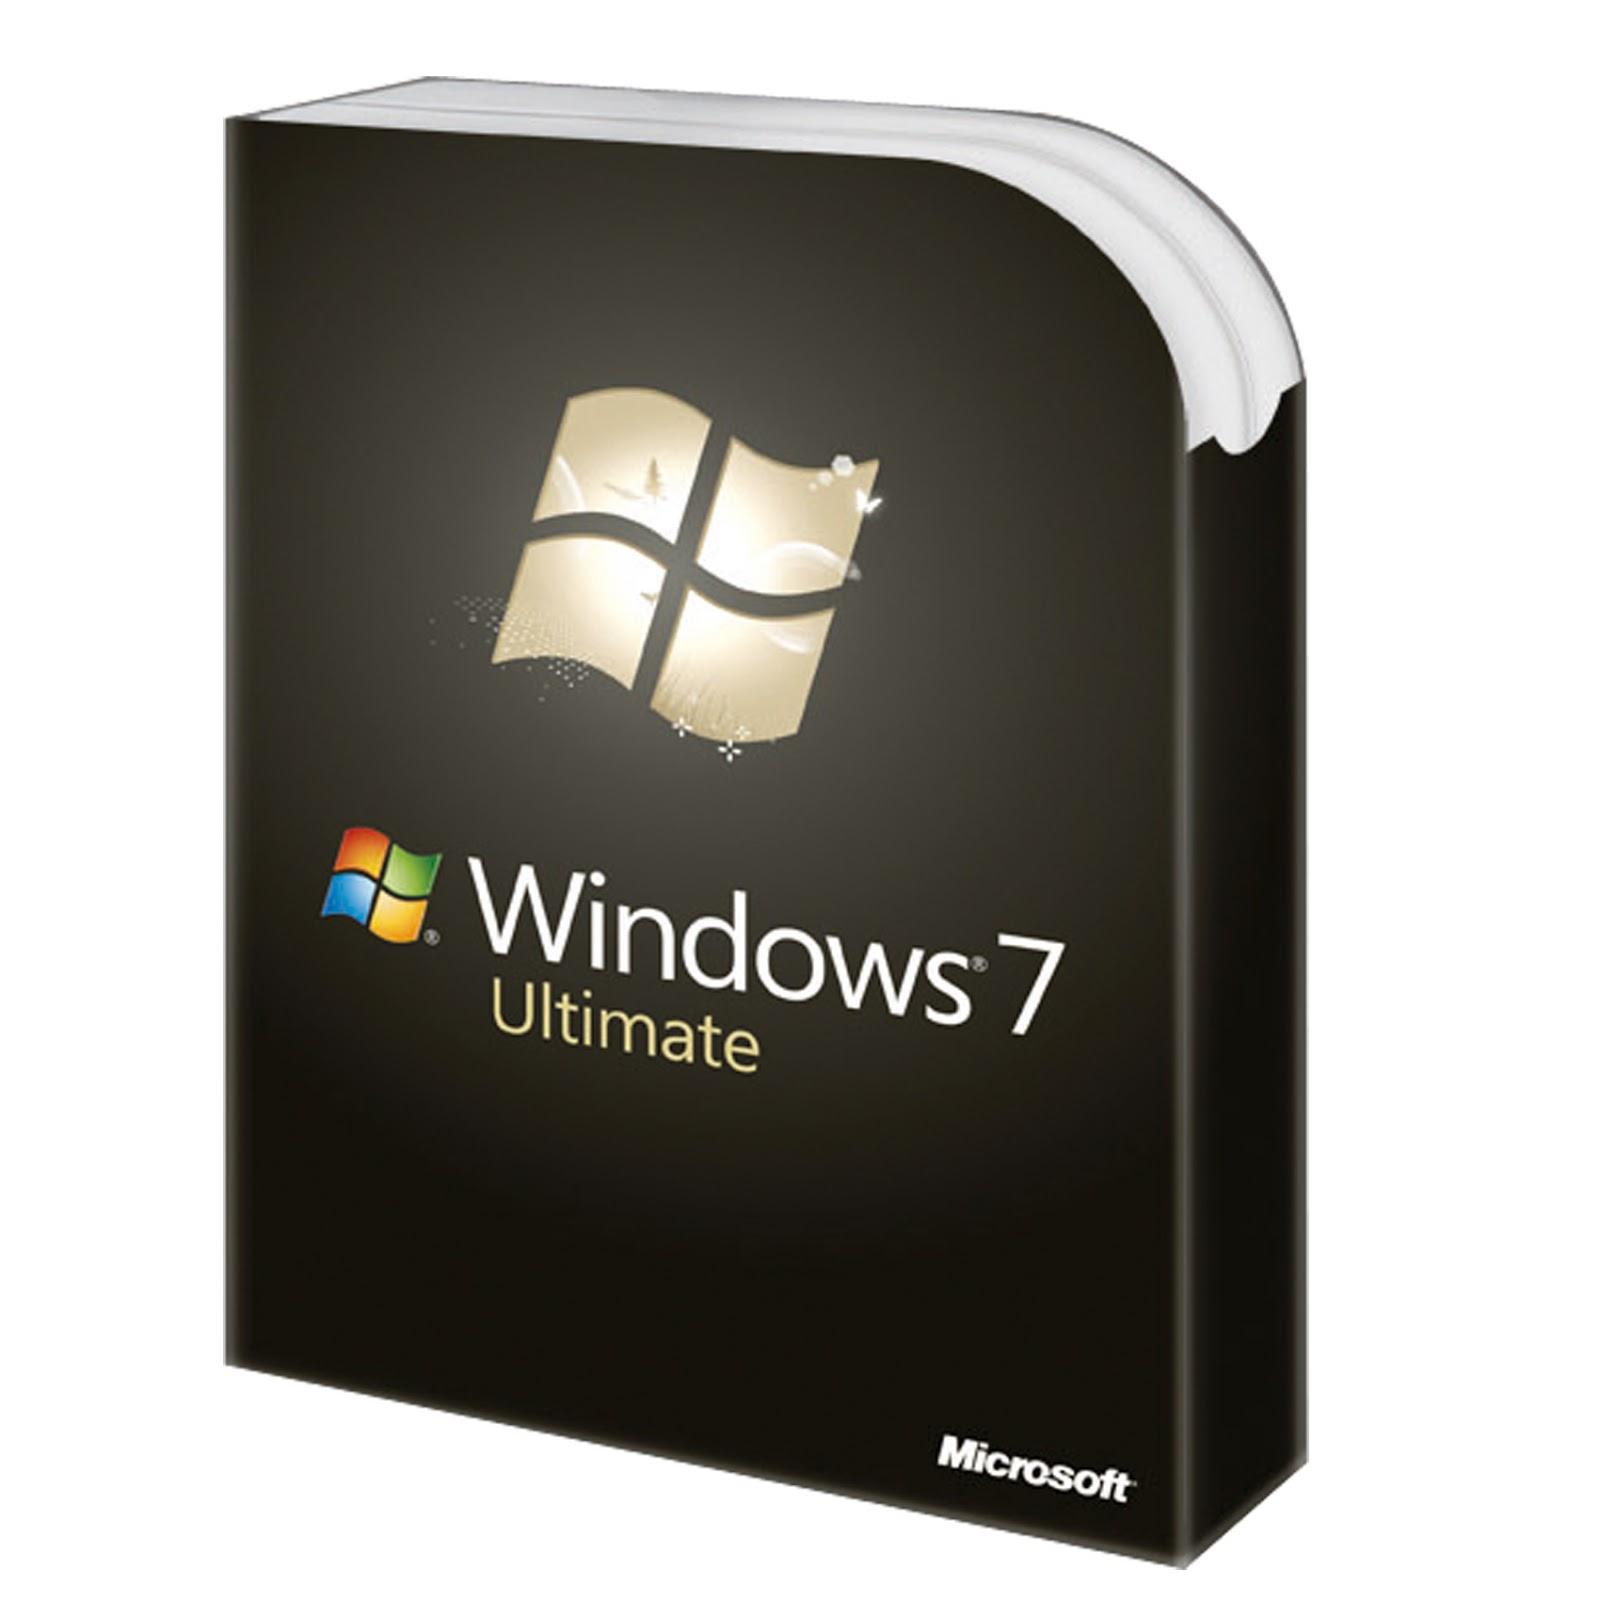 baixar windows 7 ultimate torrent gratis | web torrentss